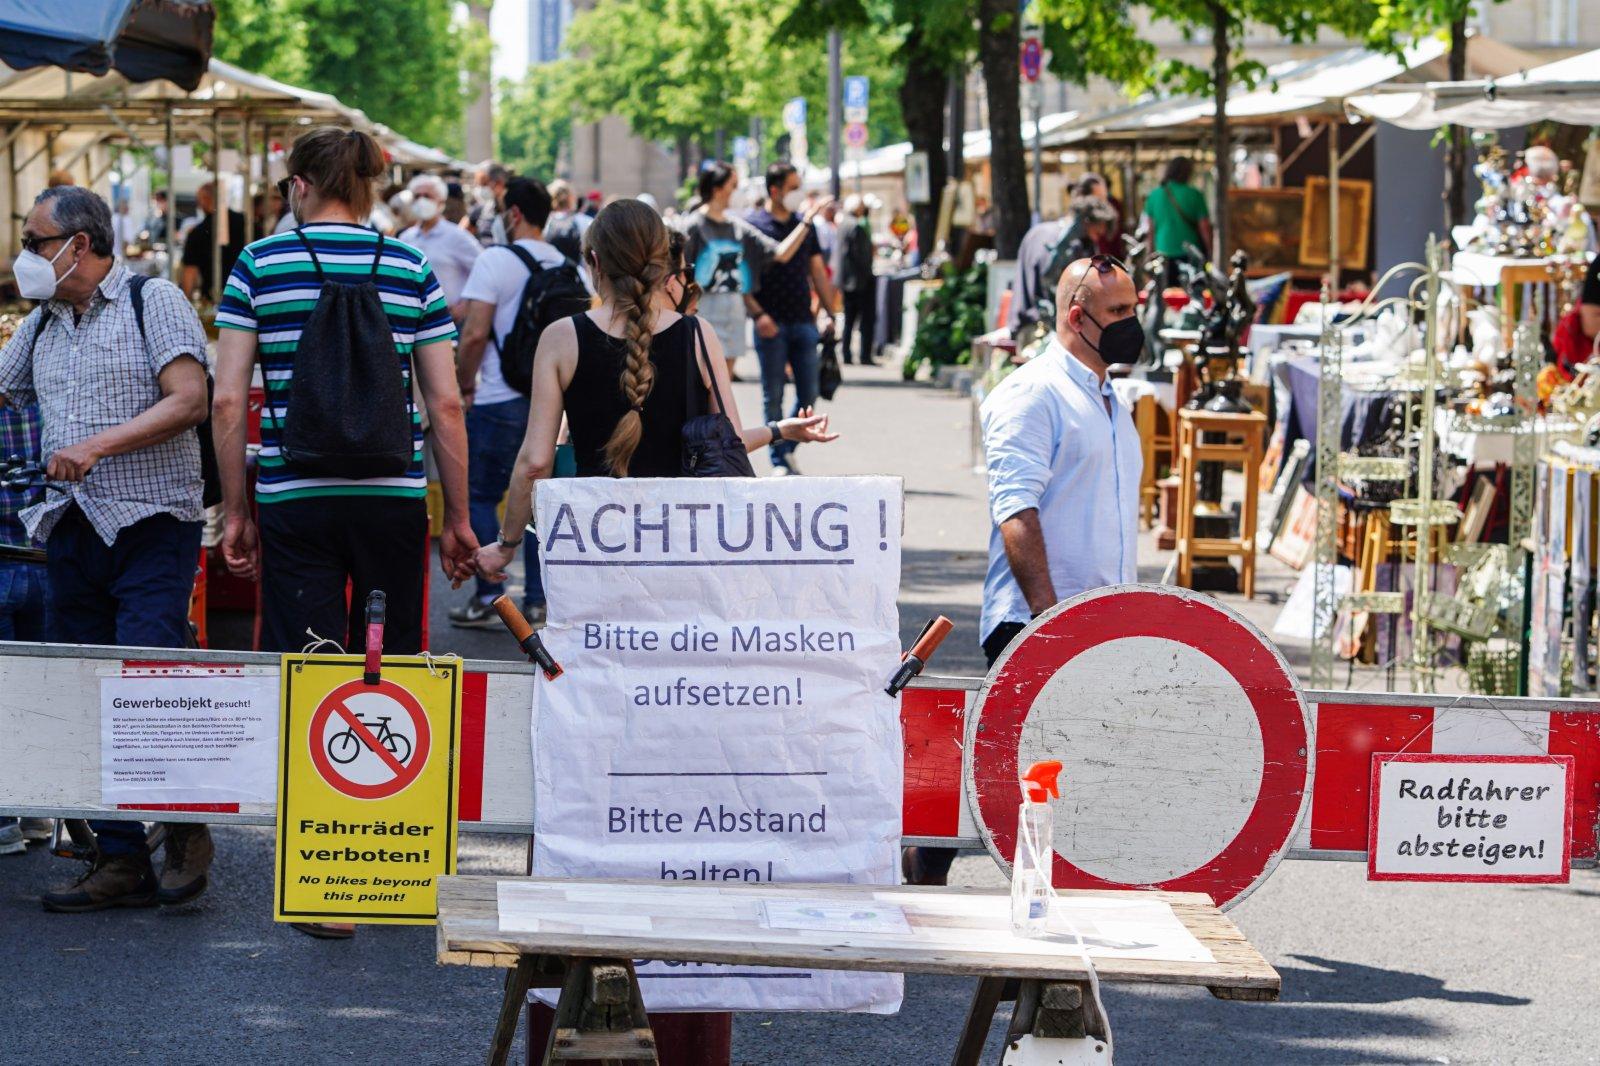 6月6日,德國首都柏林一處「跳蚤市場」入口的告示牌提示人們佩戴口罩並保持社交距離。(新華社)